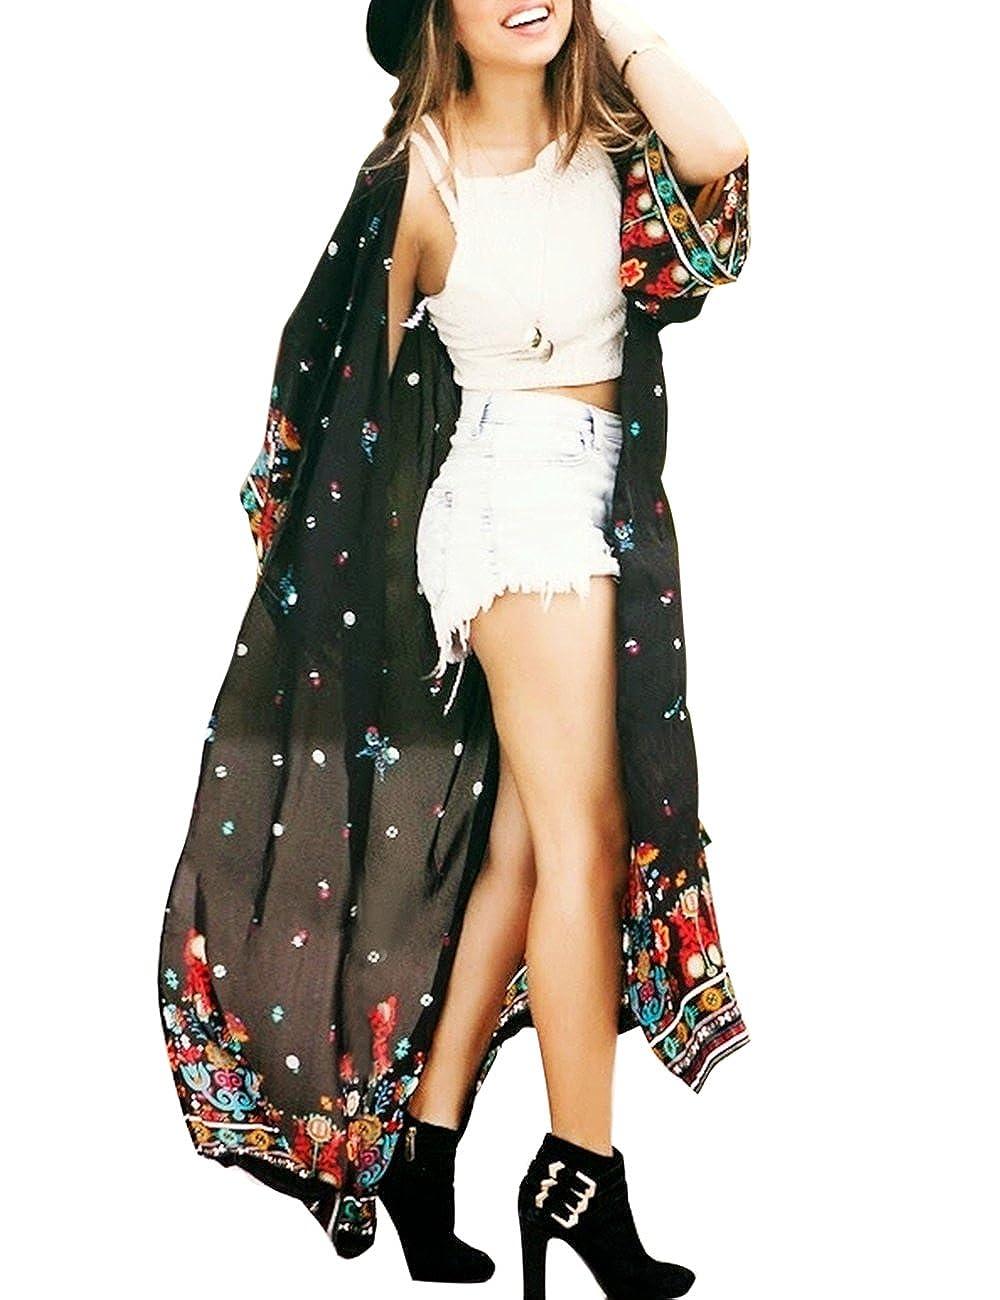 shermie Women's Long Print Chiffon Kimono Kaftan Swimwear Beach Cover Up Cardigan